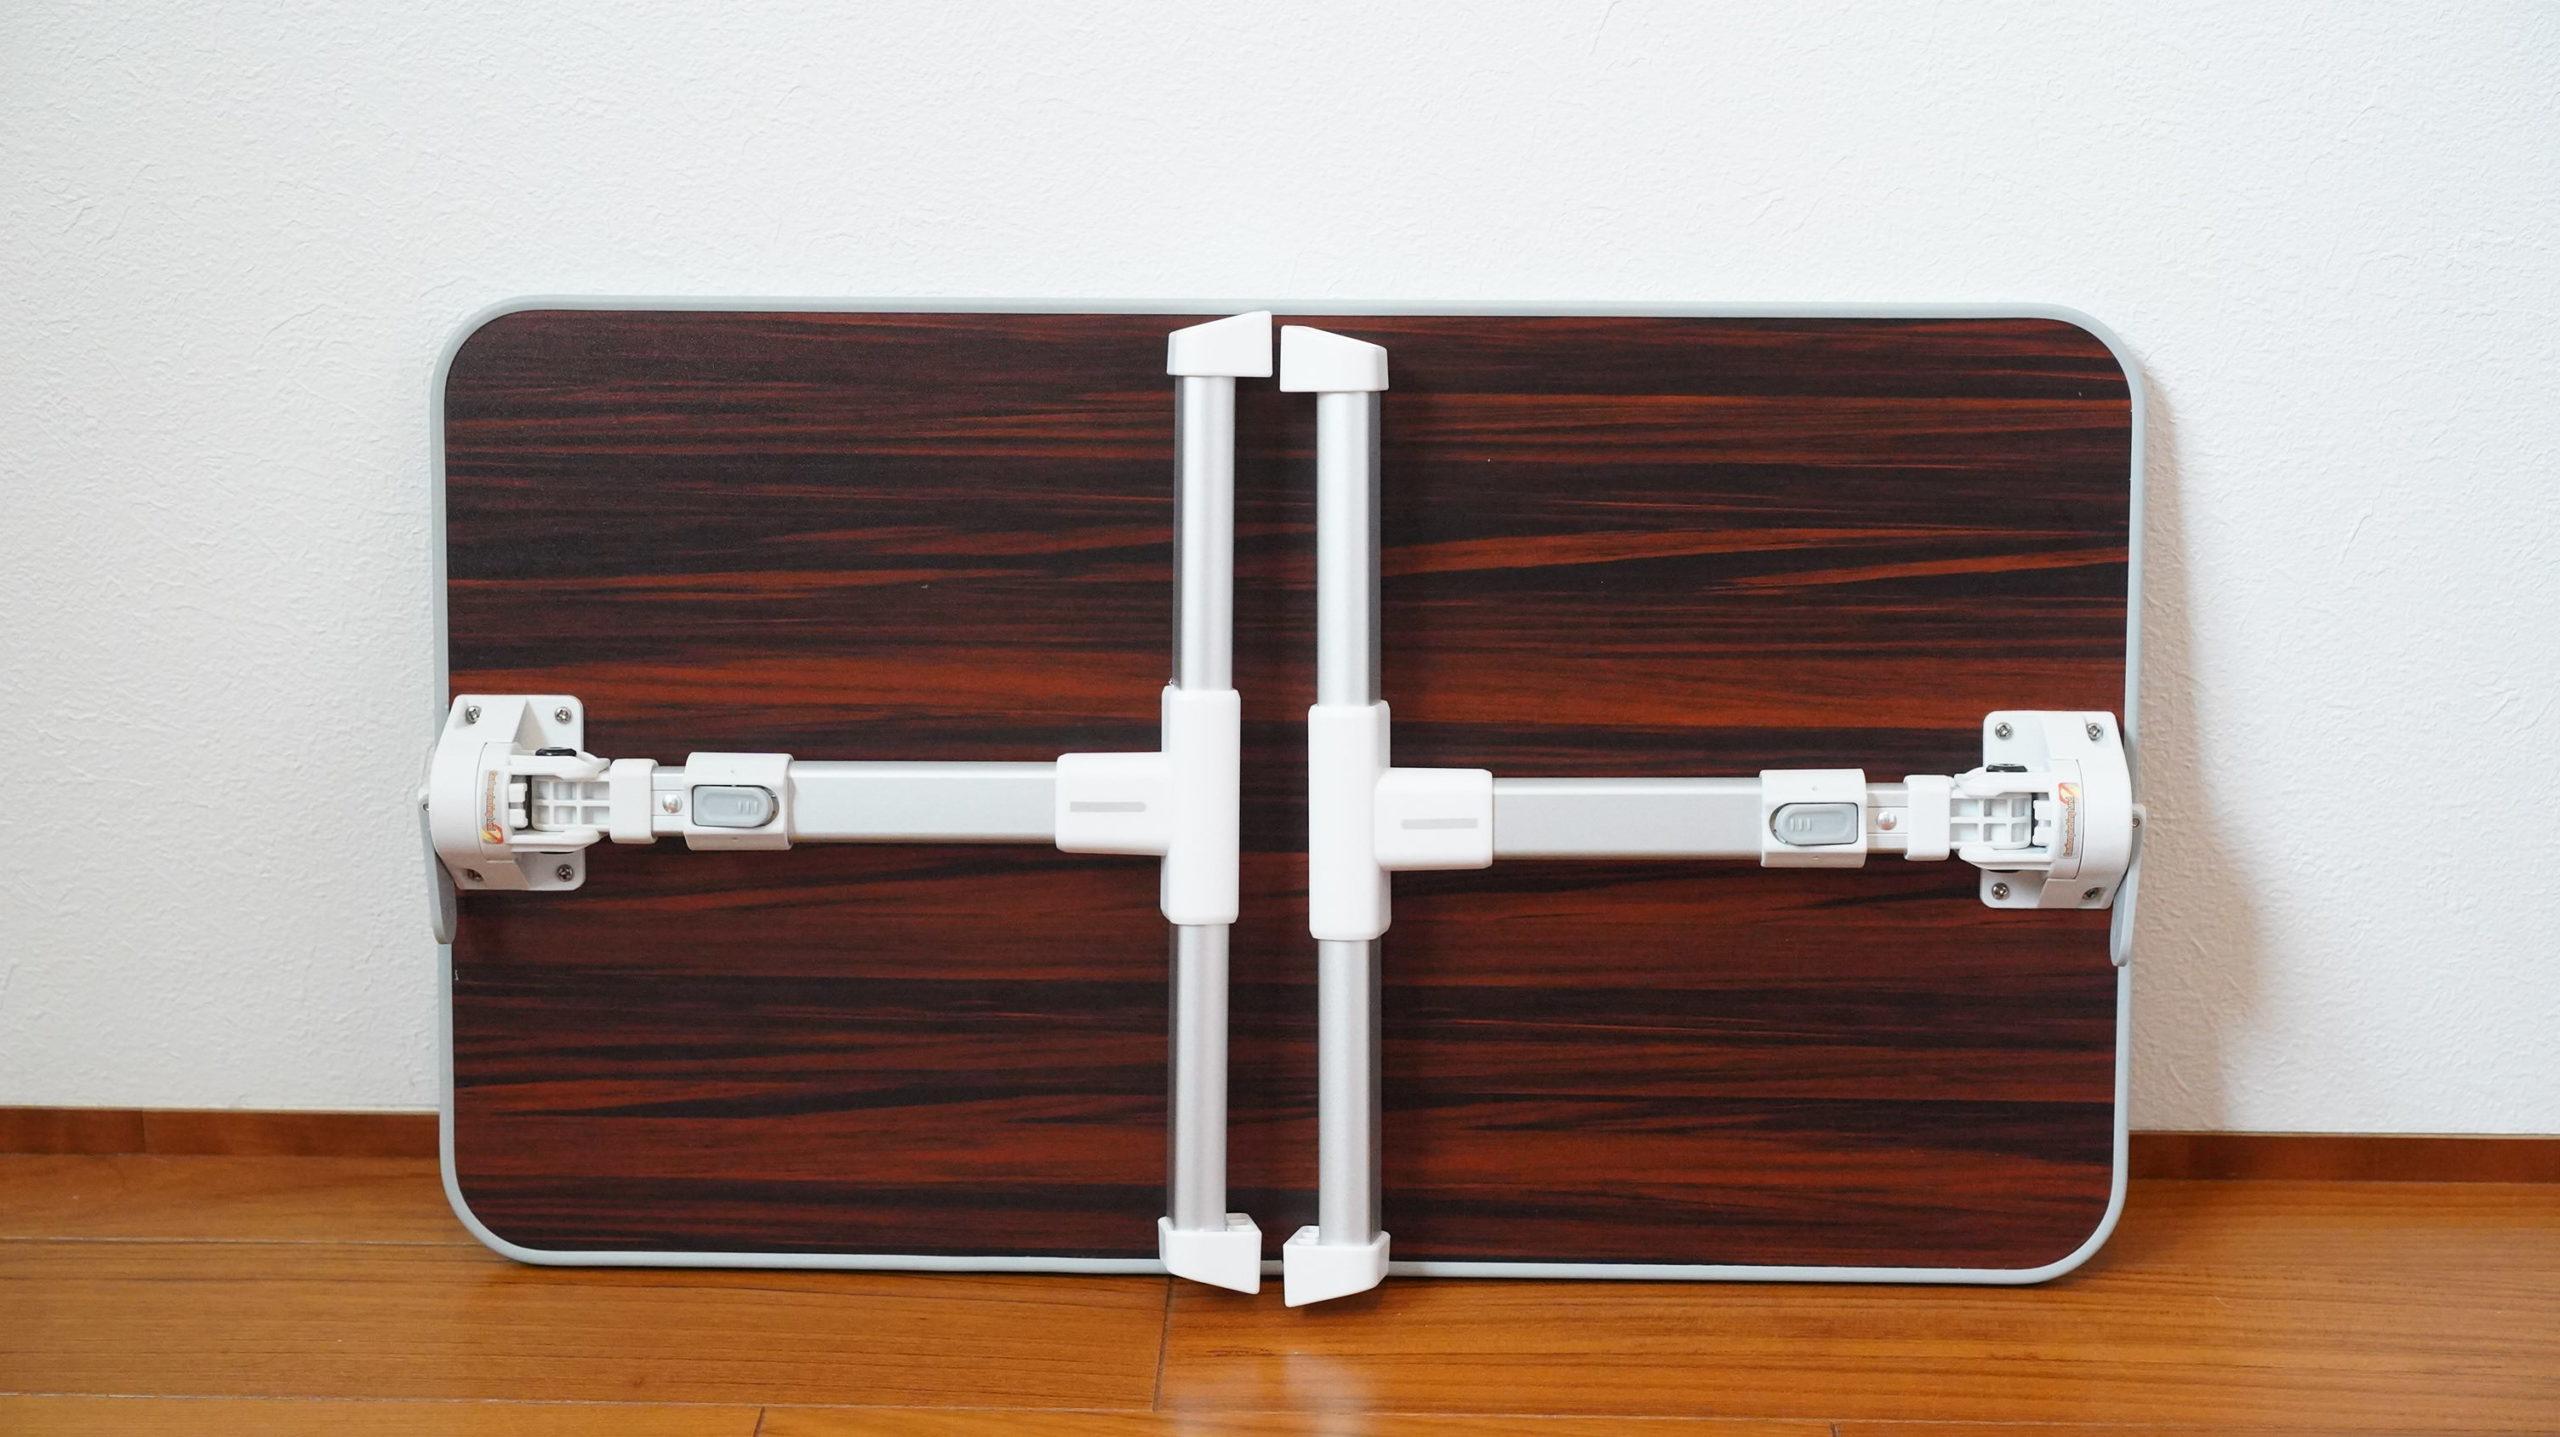 ソファやベッドでパソコン(ノートPC)の作業を姿勢良く行い、膝での作業をなくす最適なテーブル・スタンド15